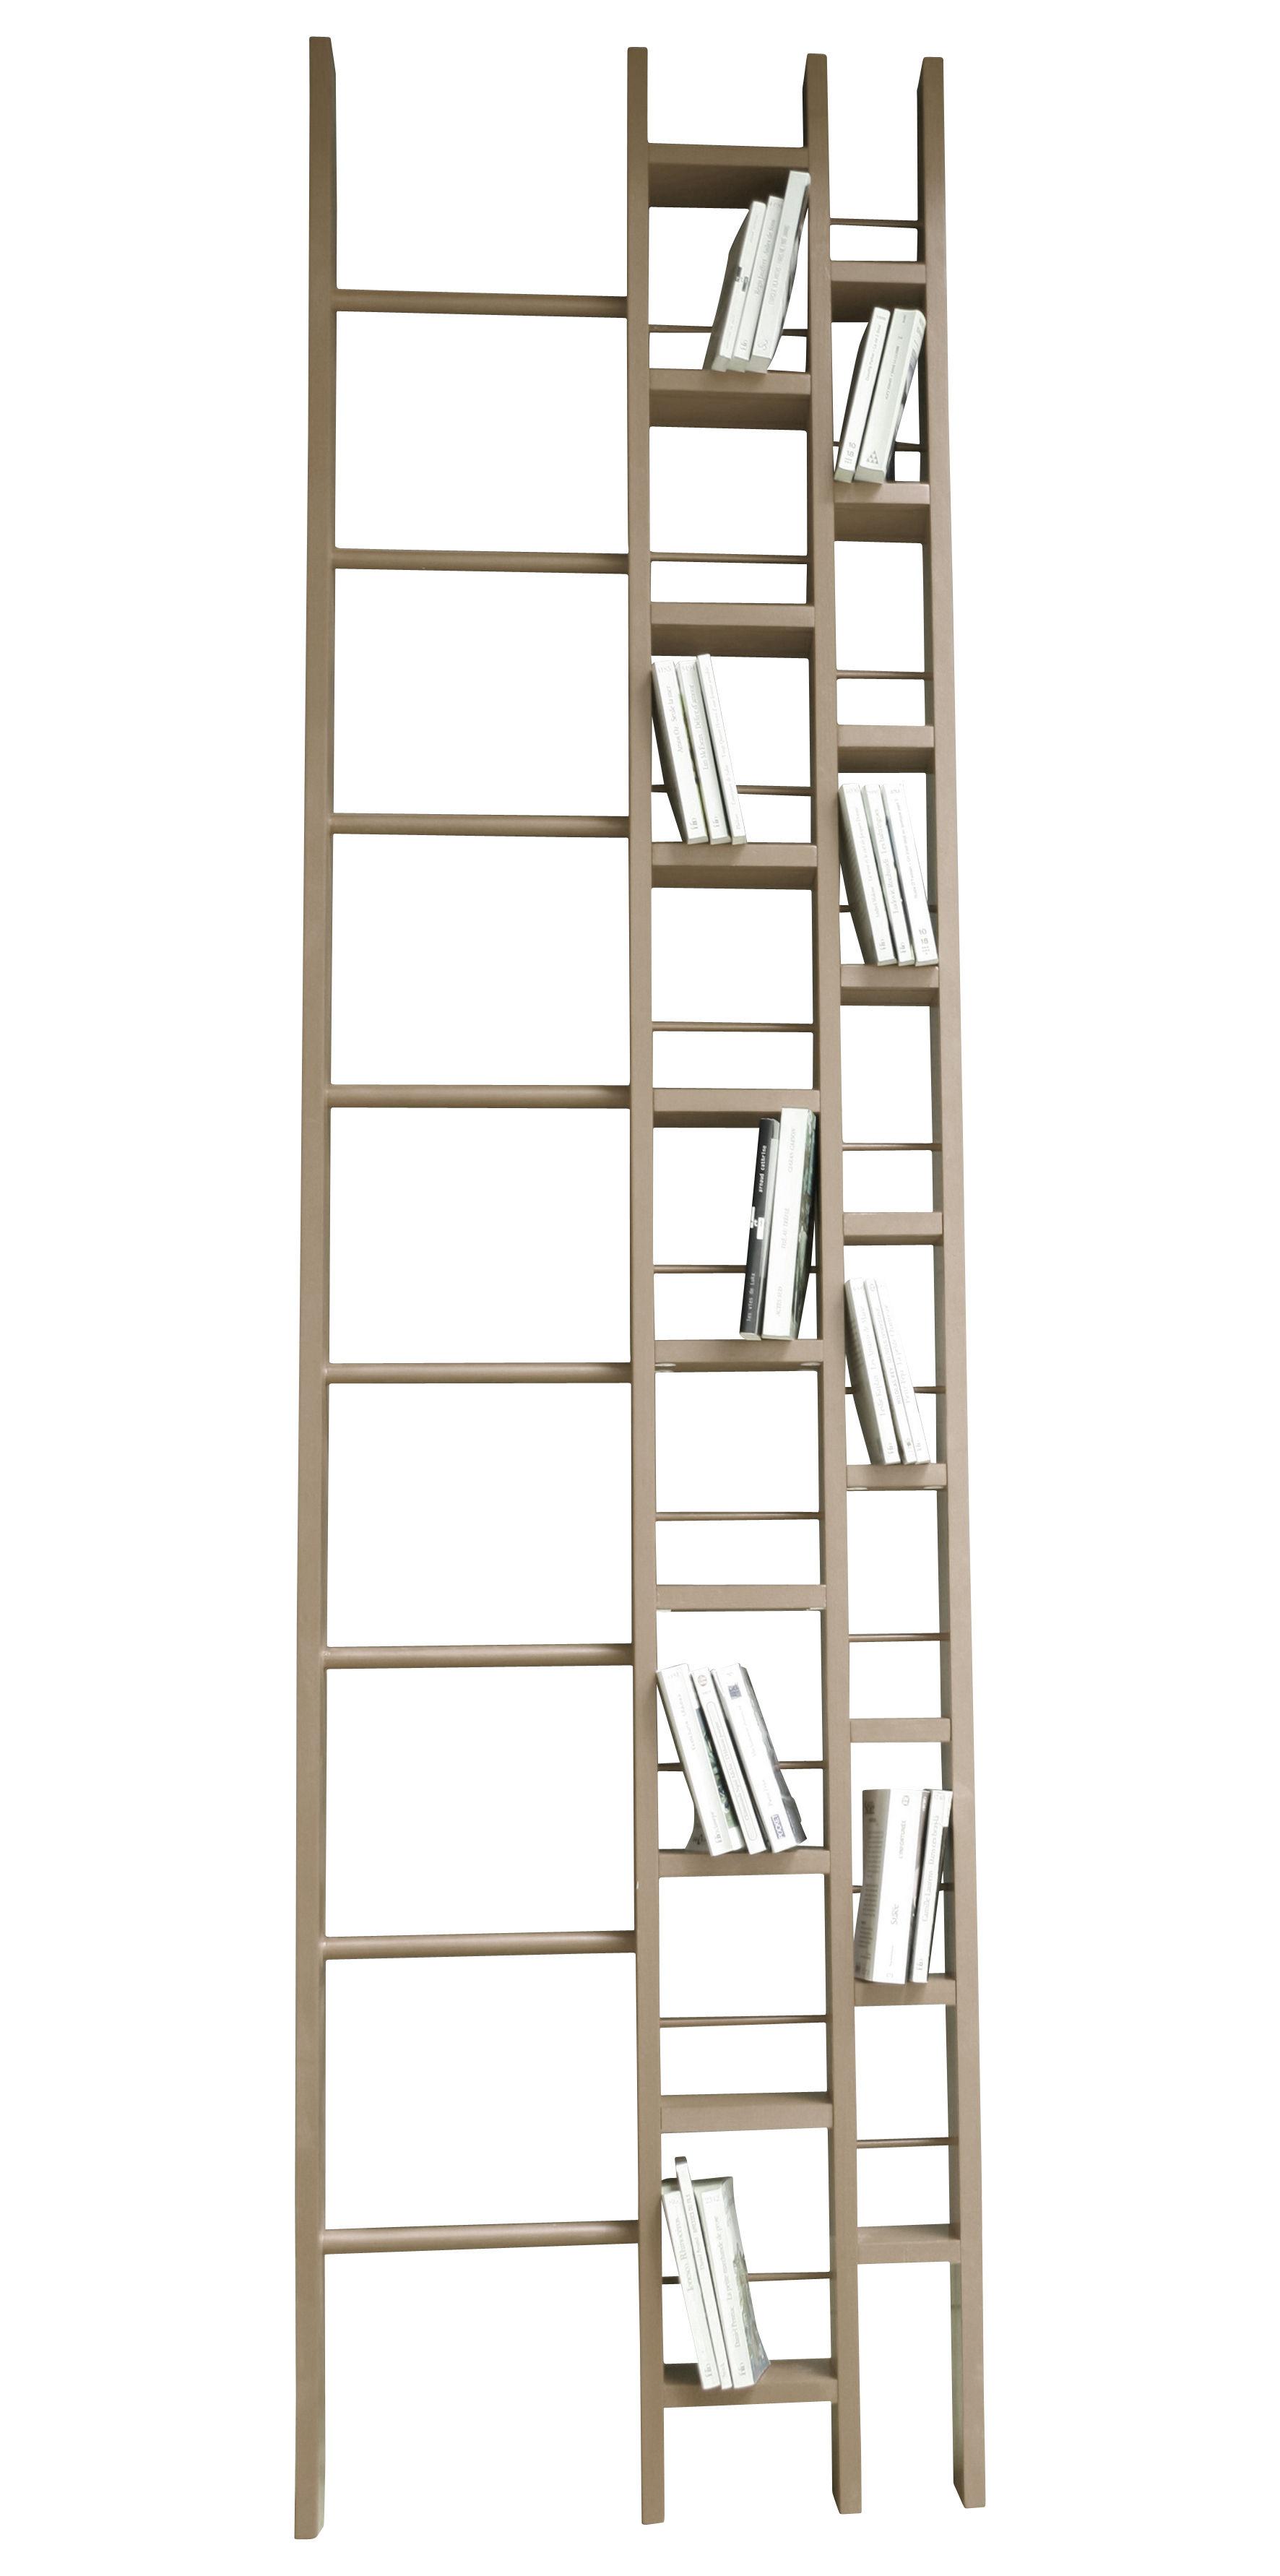 Möbel - Regale und Bücherregale - Hô Bücherregal B 64 cm - La Corbeille - Buche - Buche, massiv, lackiert